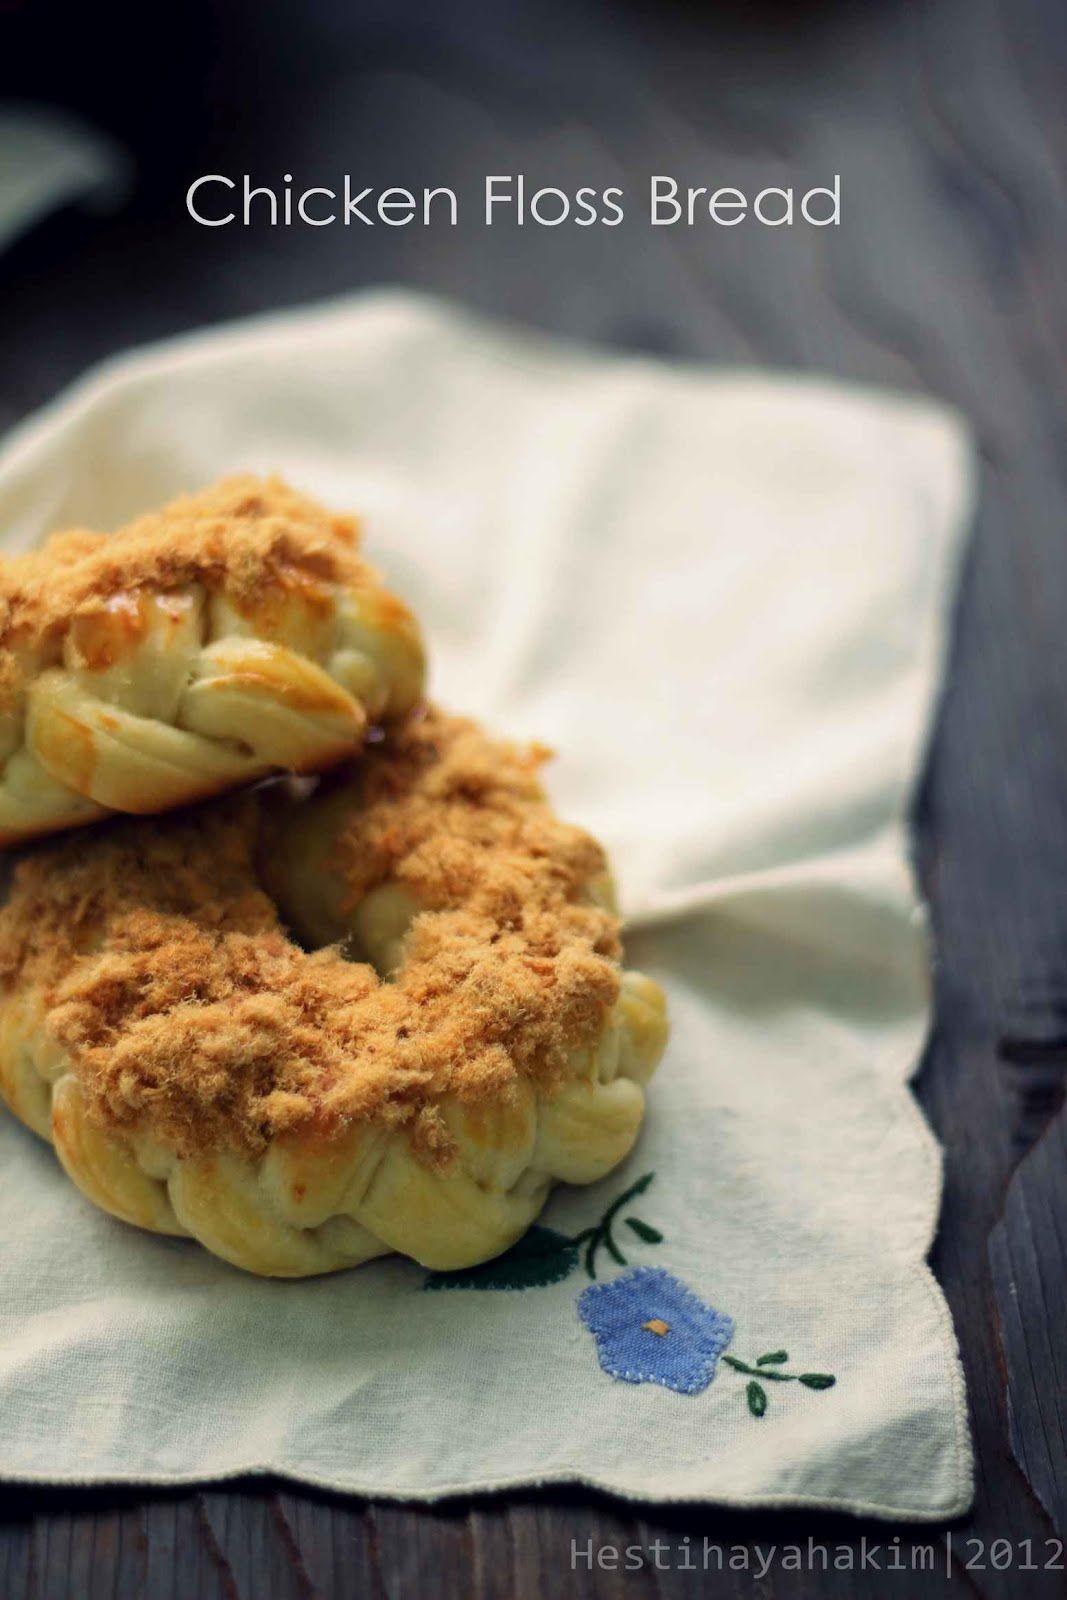 Hesti S Kitchen Yummy For Your Tummy Aneka Roti Asin Roti Bread Recipes Homemade Roti Bread